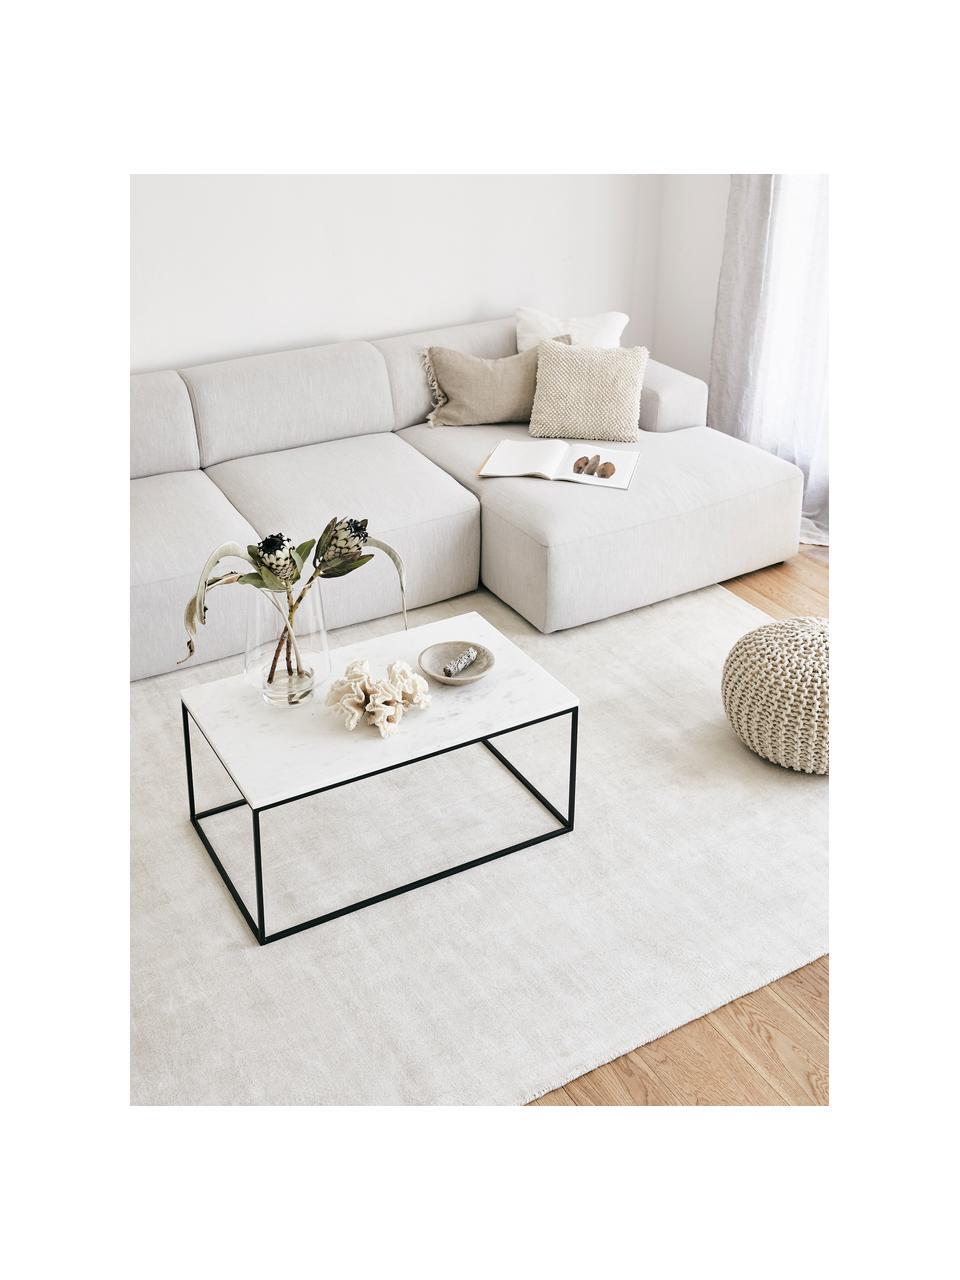 Marmor-Couchtisch Alys, Tischplatte: Marmor, Gestell: Metall, pulverbeschichtet, Weißer Marmor, Schwarz, 80 x 40 cm